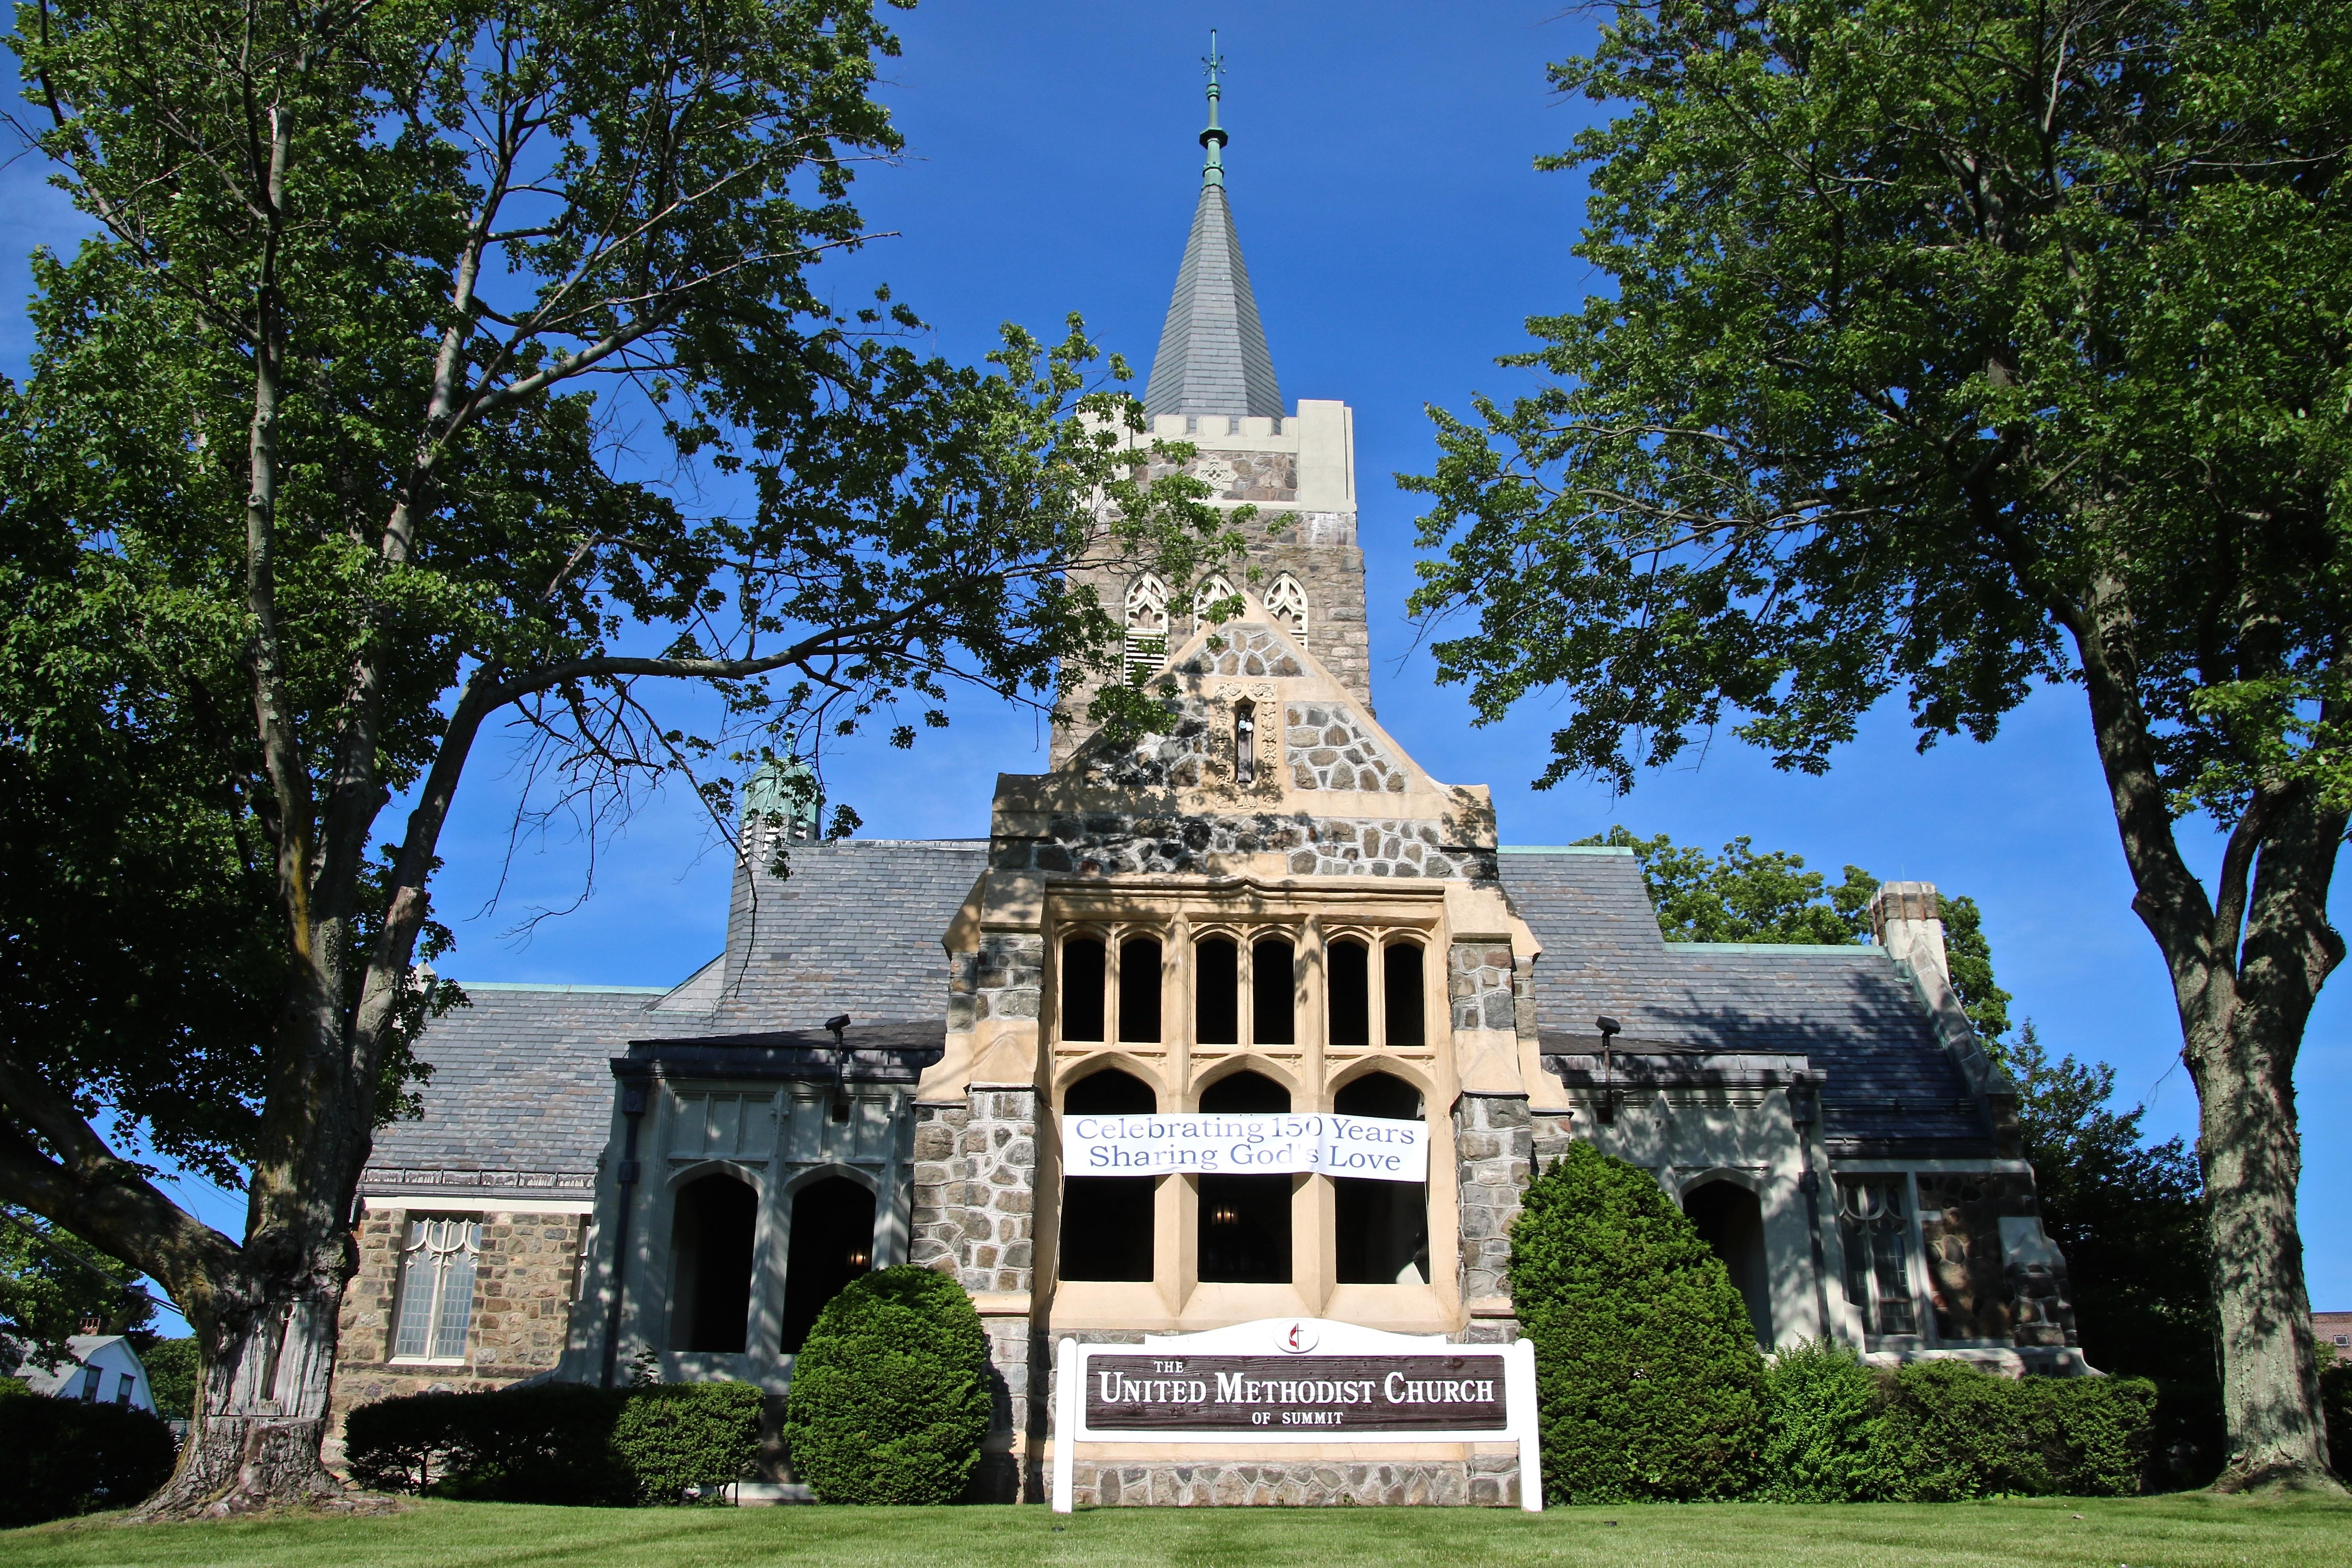 united methodist church of summit nj